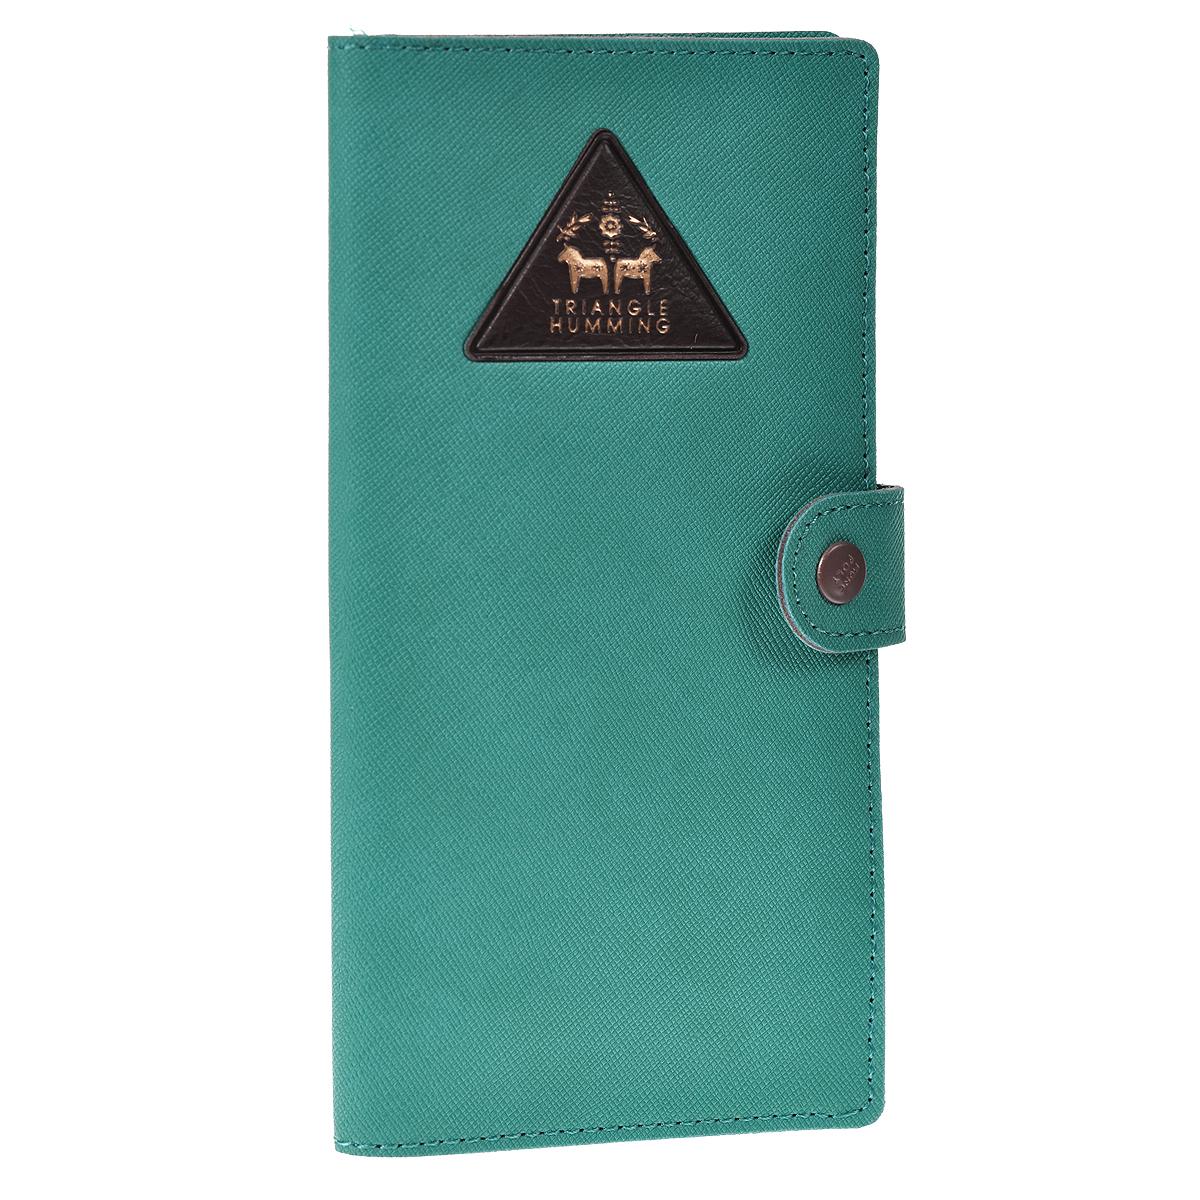 Кошелек Triangle humming, цвет: бирюзовый0901023Оригинальный кошелек Triangle humming выполнен из кожзаменителя бирюзового цвета и декорирован выпуклым треугольником с золотистым тиснением. Кошелек закрывается на хлястик с металлической кнопкой. Имеет внутри два отделения для купюр, кармашек-уголок для чеков, девять прорезных карманов для кредитных карт и карман со вставкой из прозрачного пластика. Такой кошелек станет отличным подарком для человека, ценящего качественные и необычные вещи. Характеристики: Материал: полиуретан, металл. Цвет: бирюзовый. Размер кошелька: 9 см х 17,5 см х 1 см. Размер упаковки: 9 см х 20 см х 1 см. Артикул: 0901023.